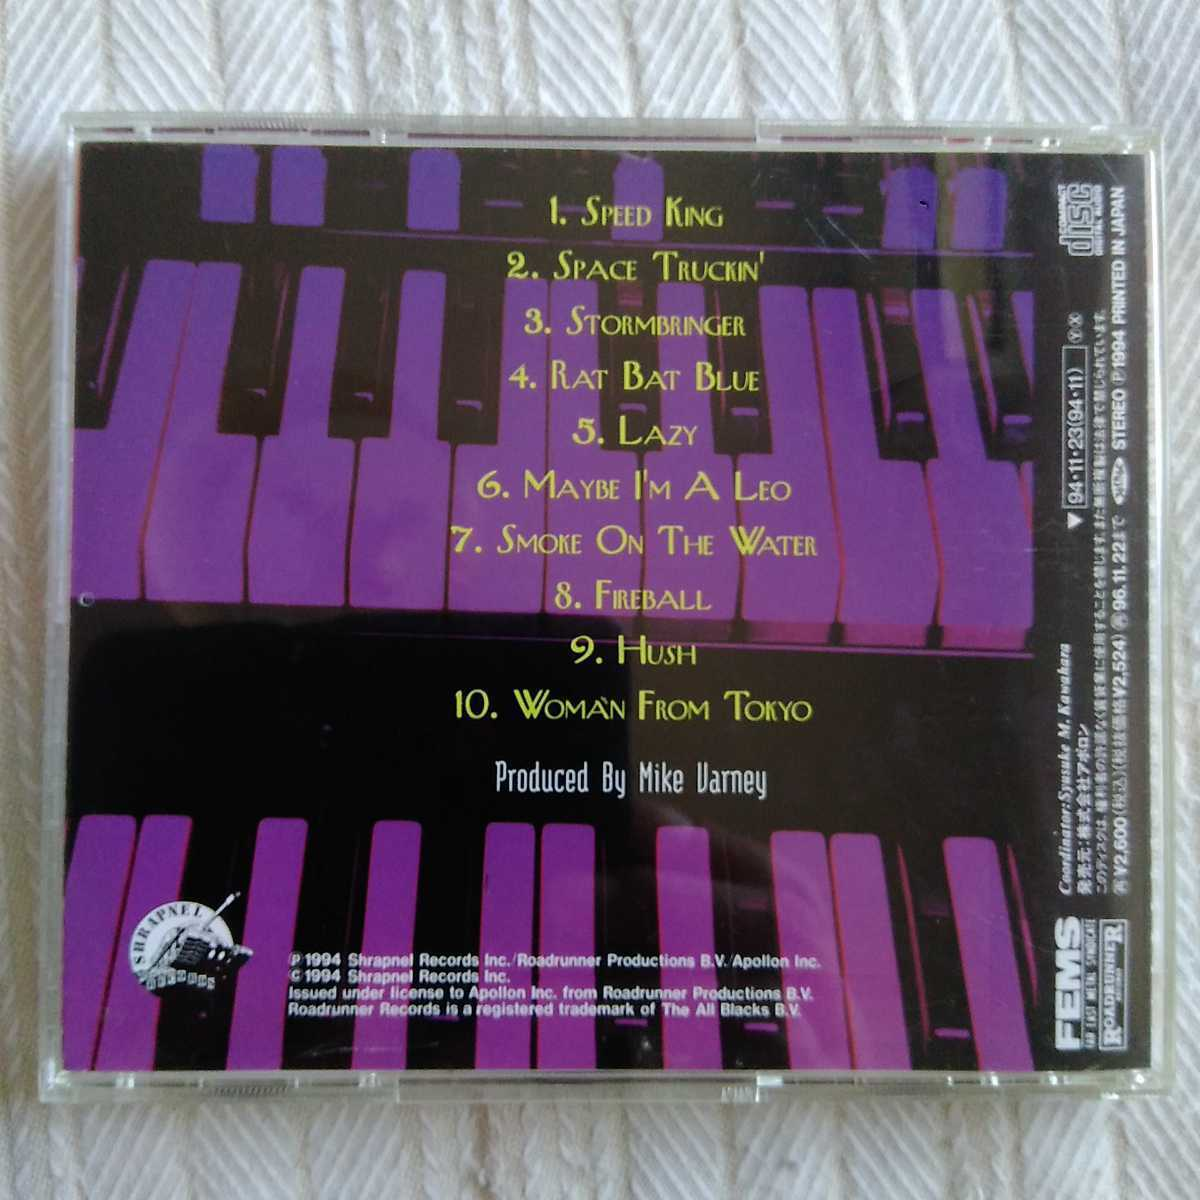 ディープ・パープル・トリビュート / スモーク・オン・ザウォーター / Deep Purpleトリビュート